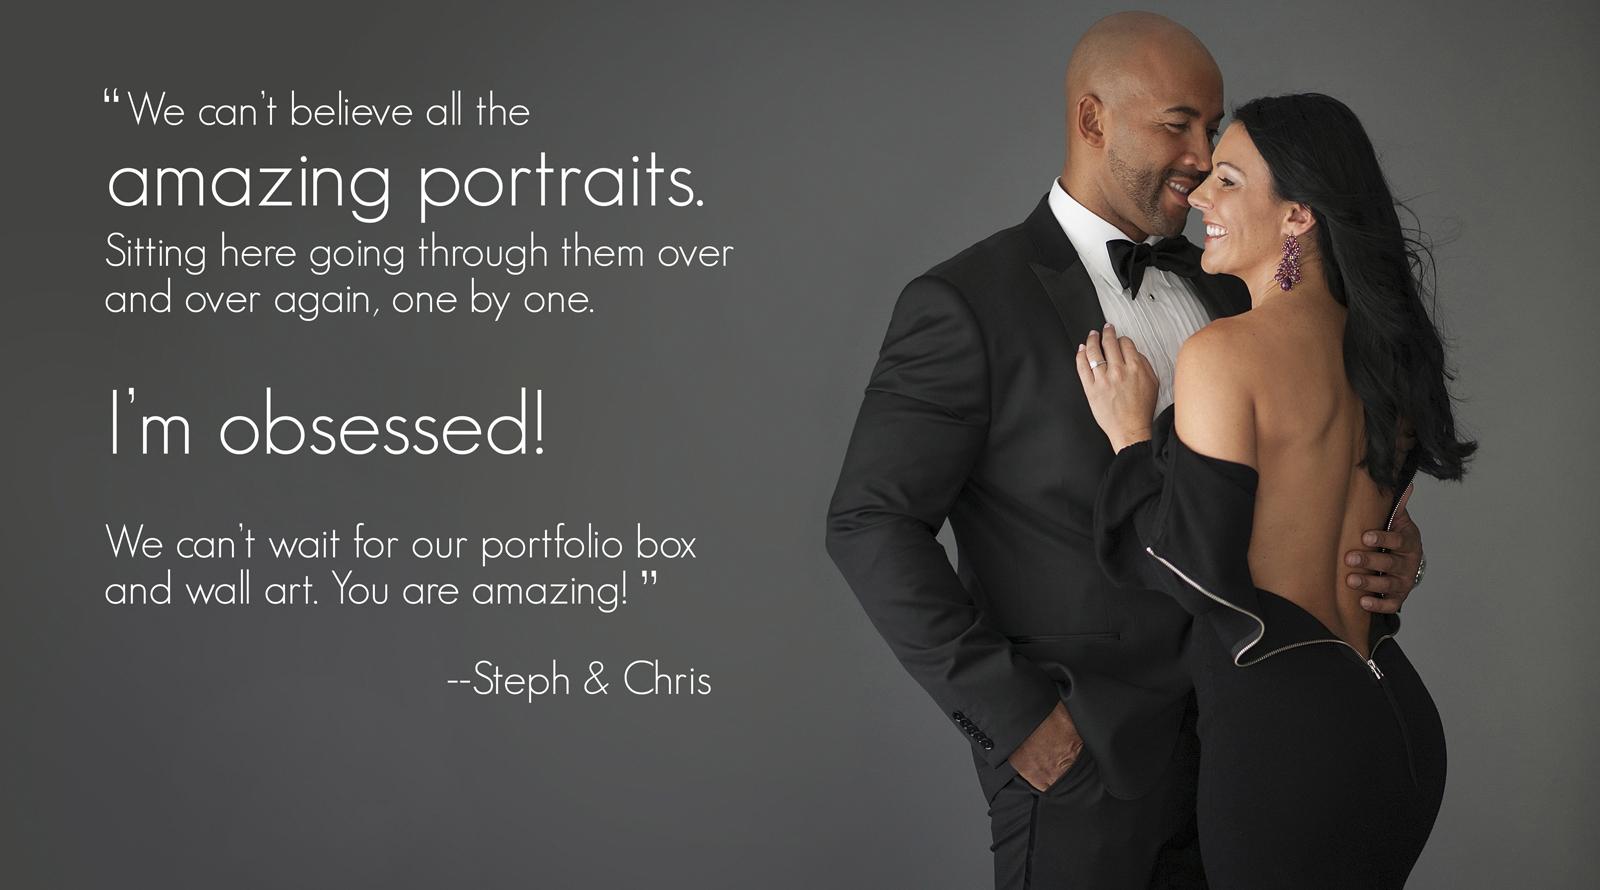 08 testimonial amazing obsessed portfolio box wall art.jpg